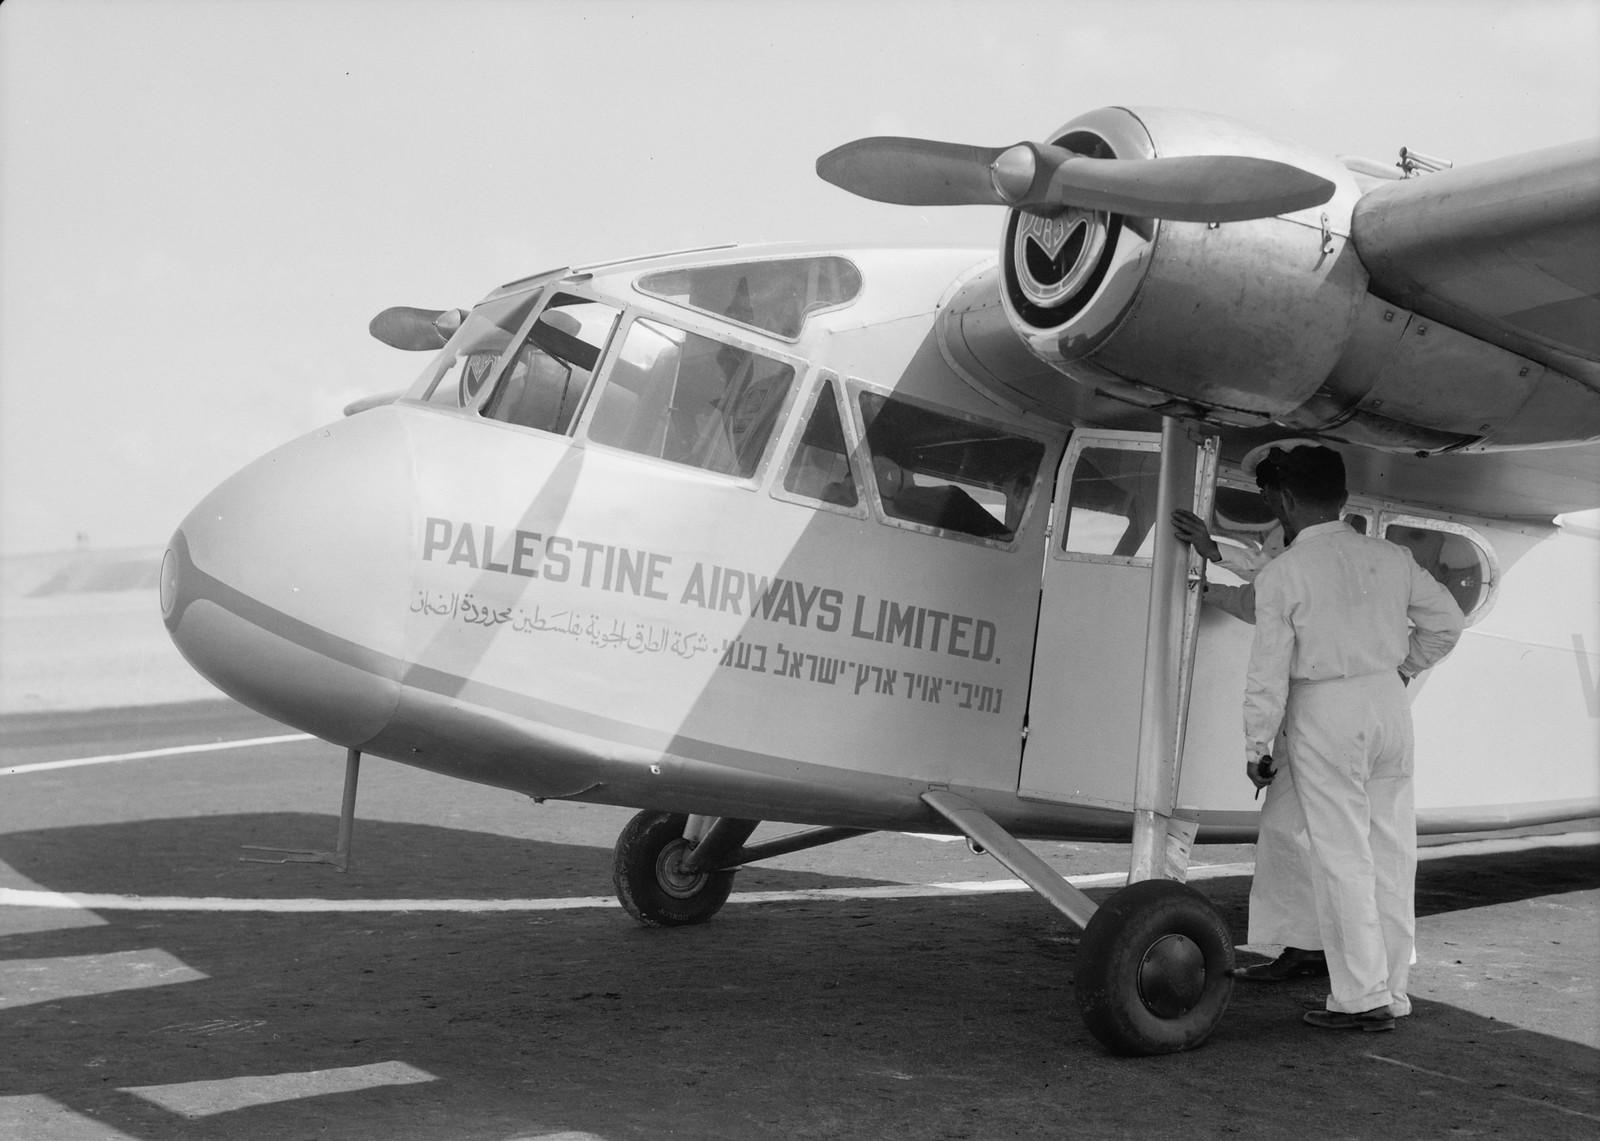 04. Надпись на самолете Palestine Airways Ltd на трех официальных языках